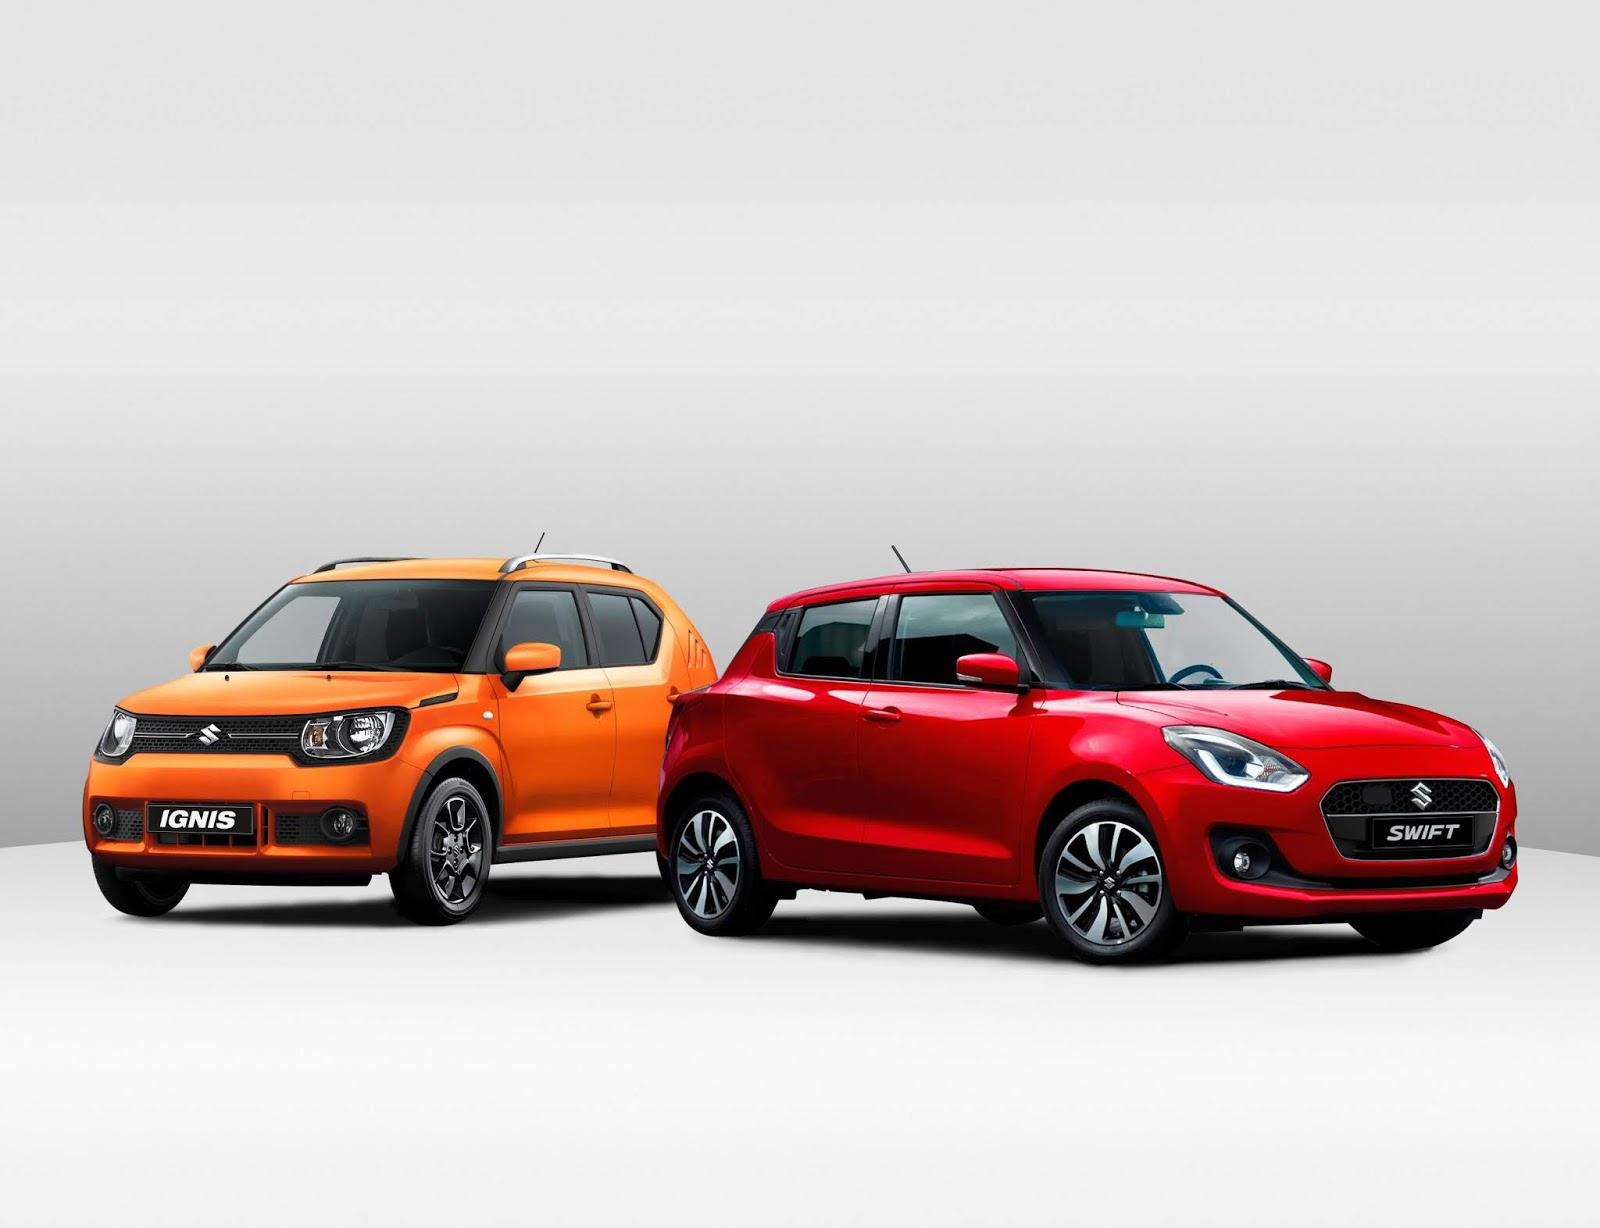 Suzuki Swift e Ignis 1.2L 4x4 Mild Hybrid: Con etiqueta ECO de la DGT